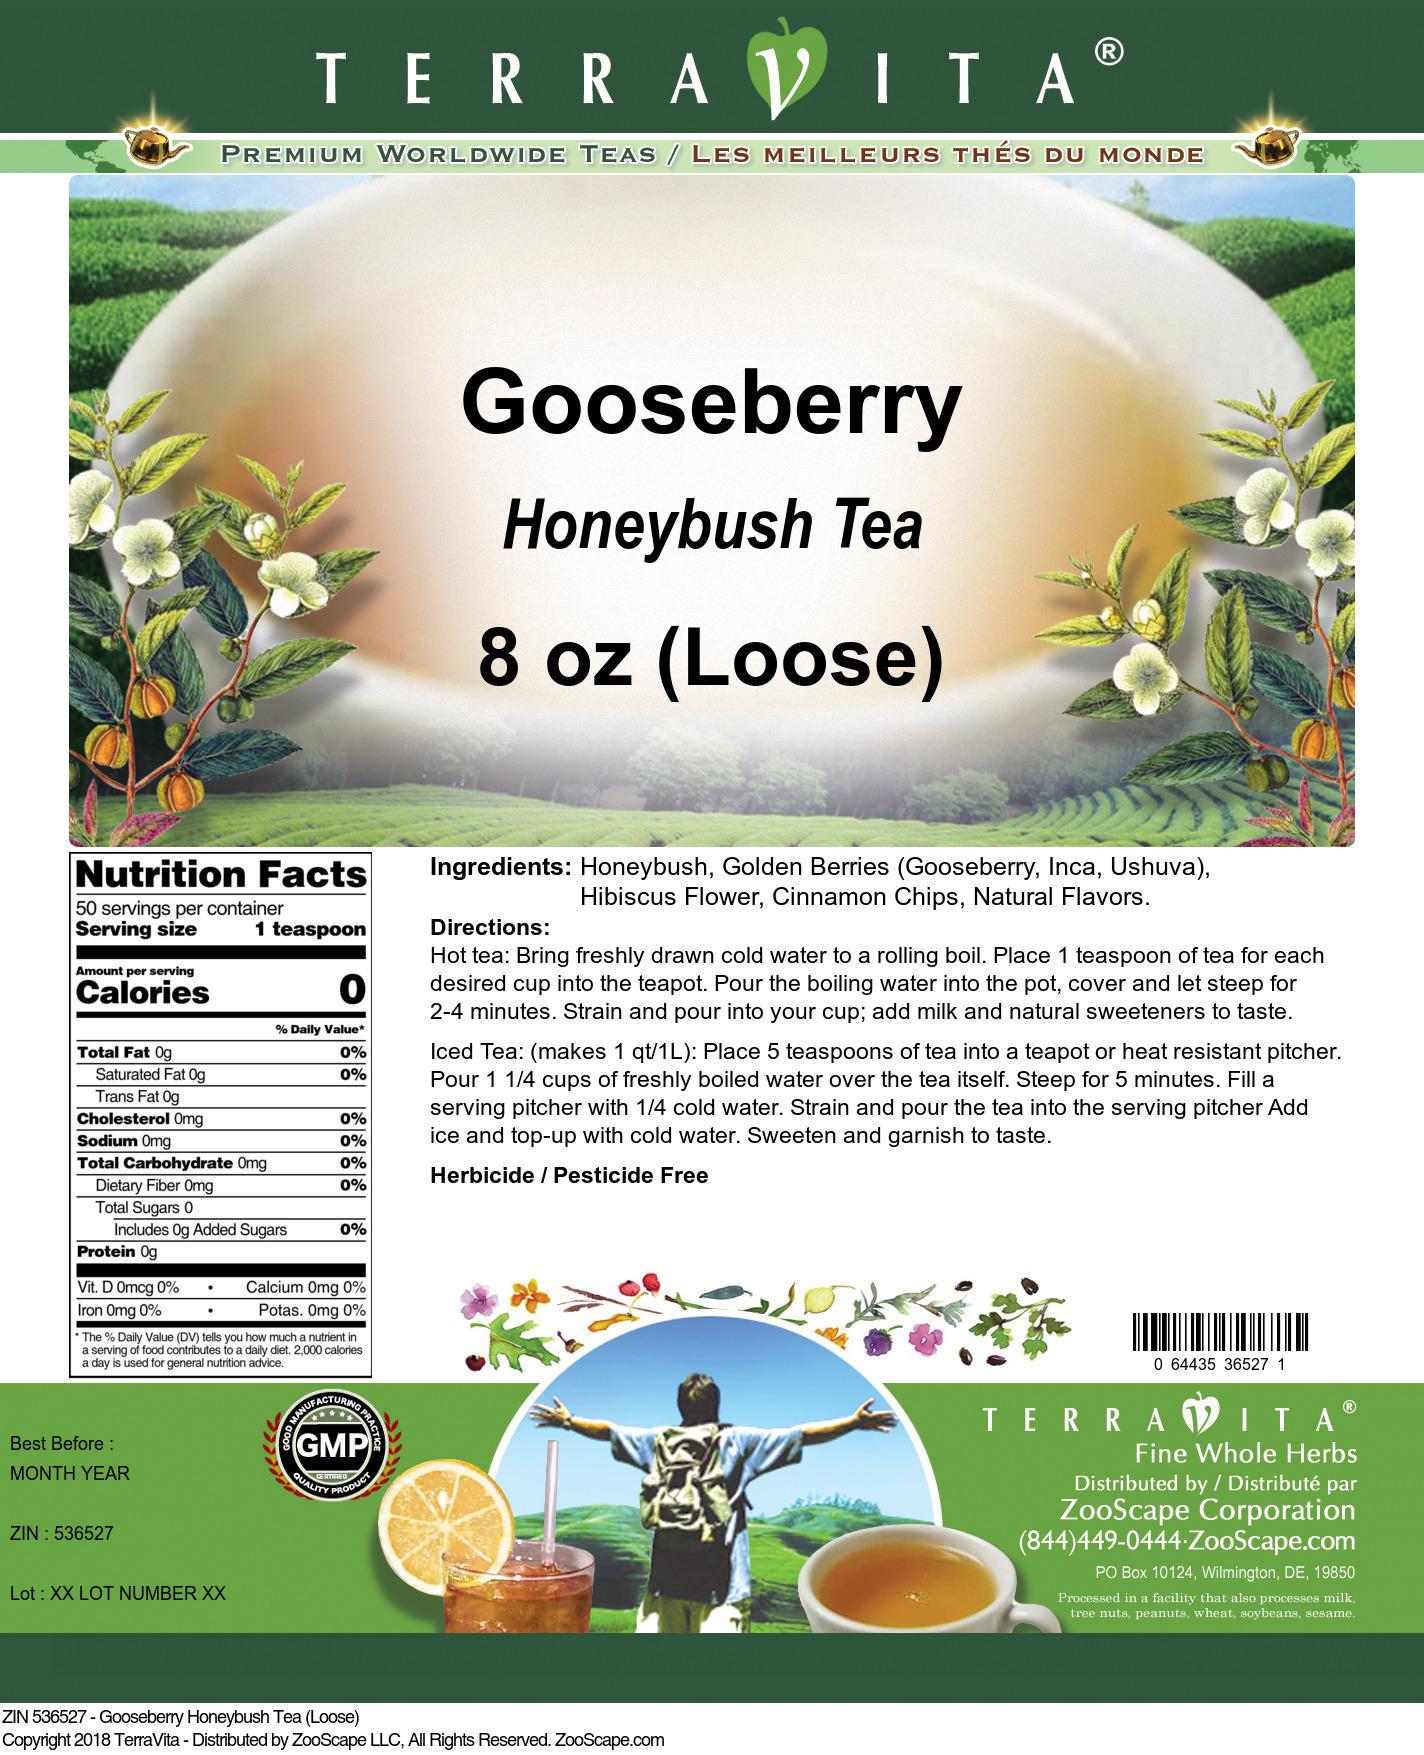 Gooseberry Honeybush Tea (Loose)